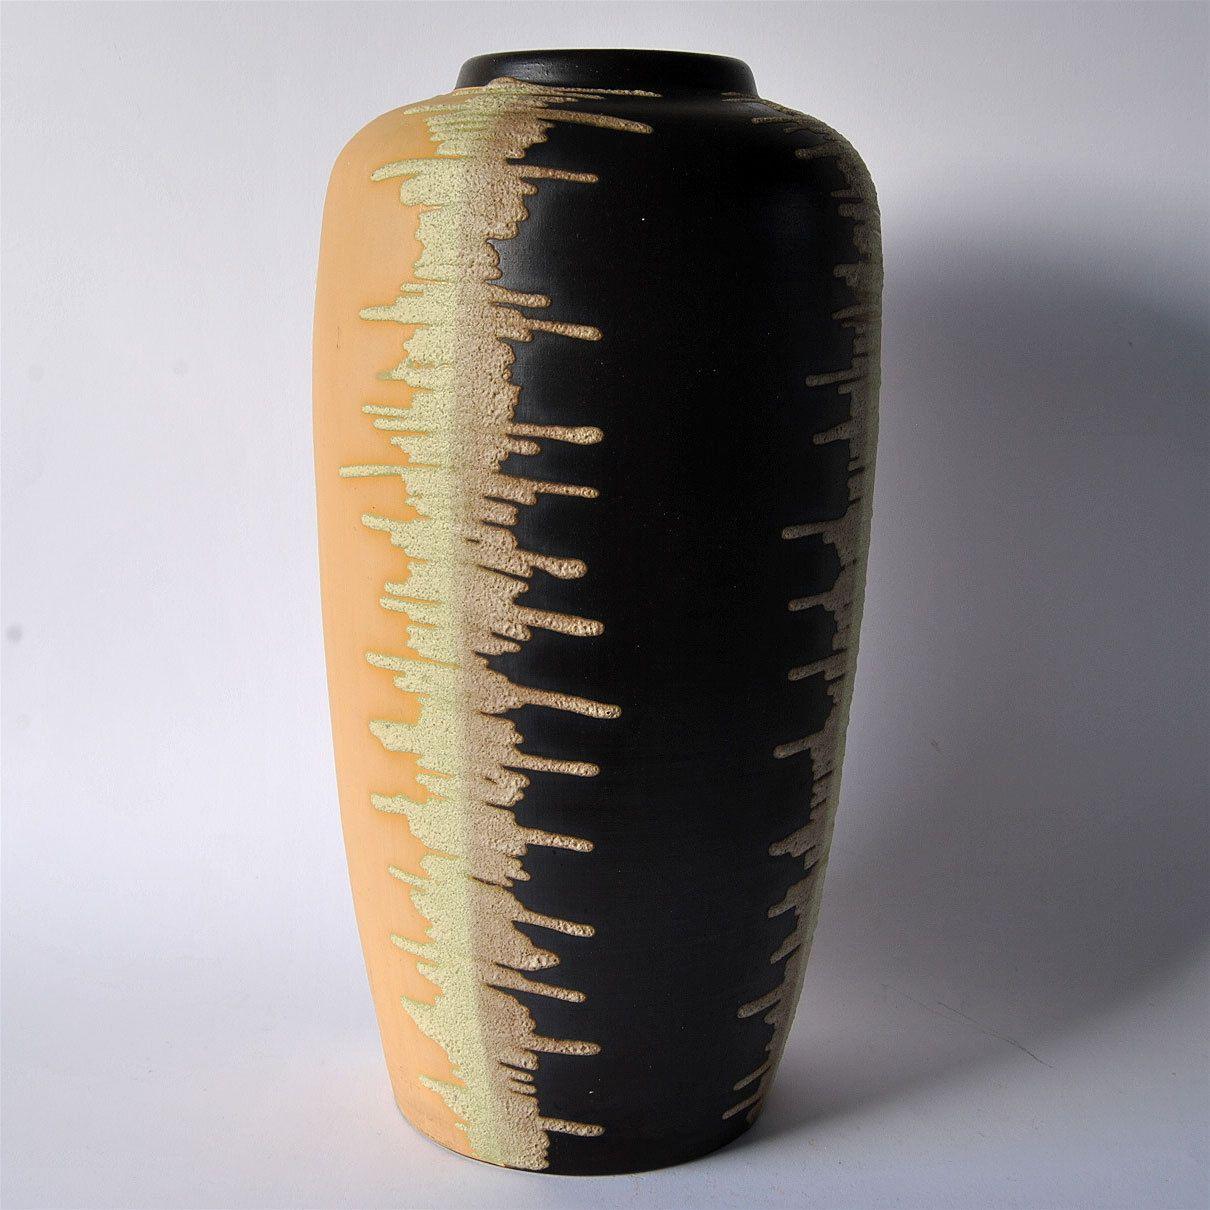 BODENVASE (B), Keramik, 41 cm, abstraktes Dekor, 50er Jahre - EUR 70 ...